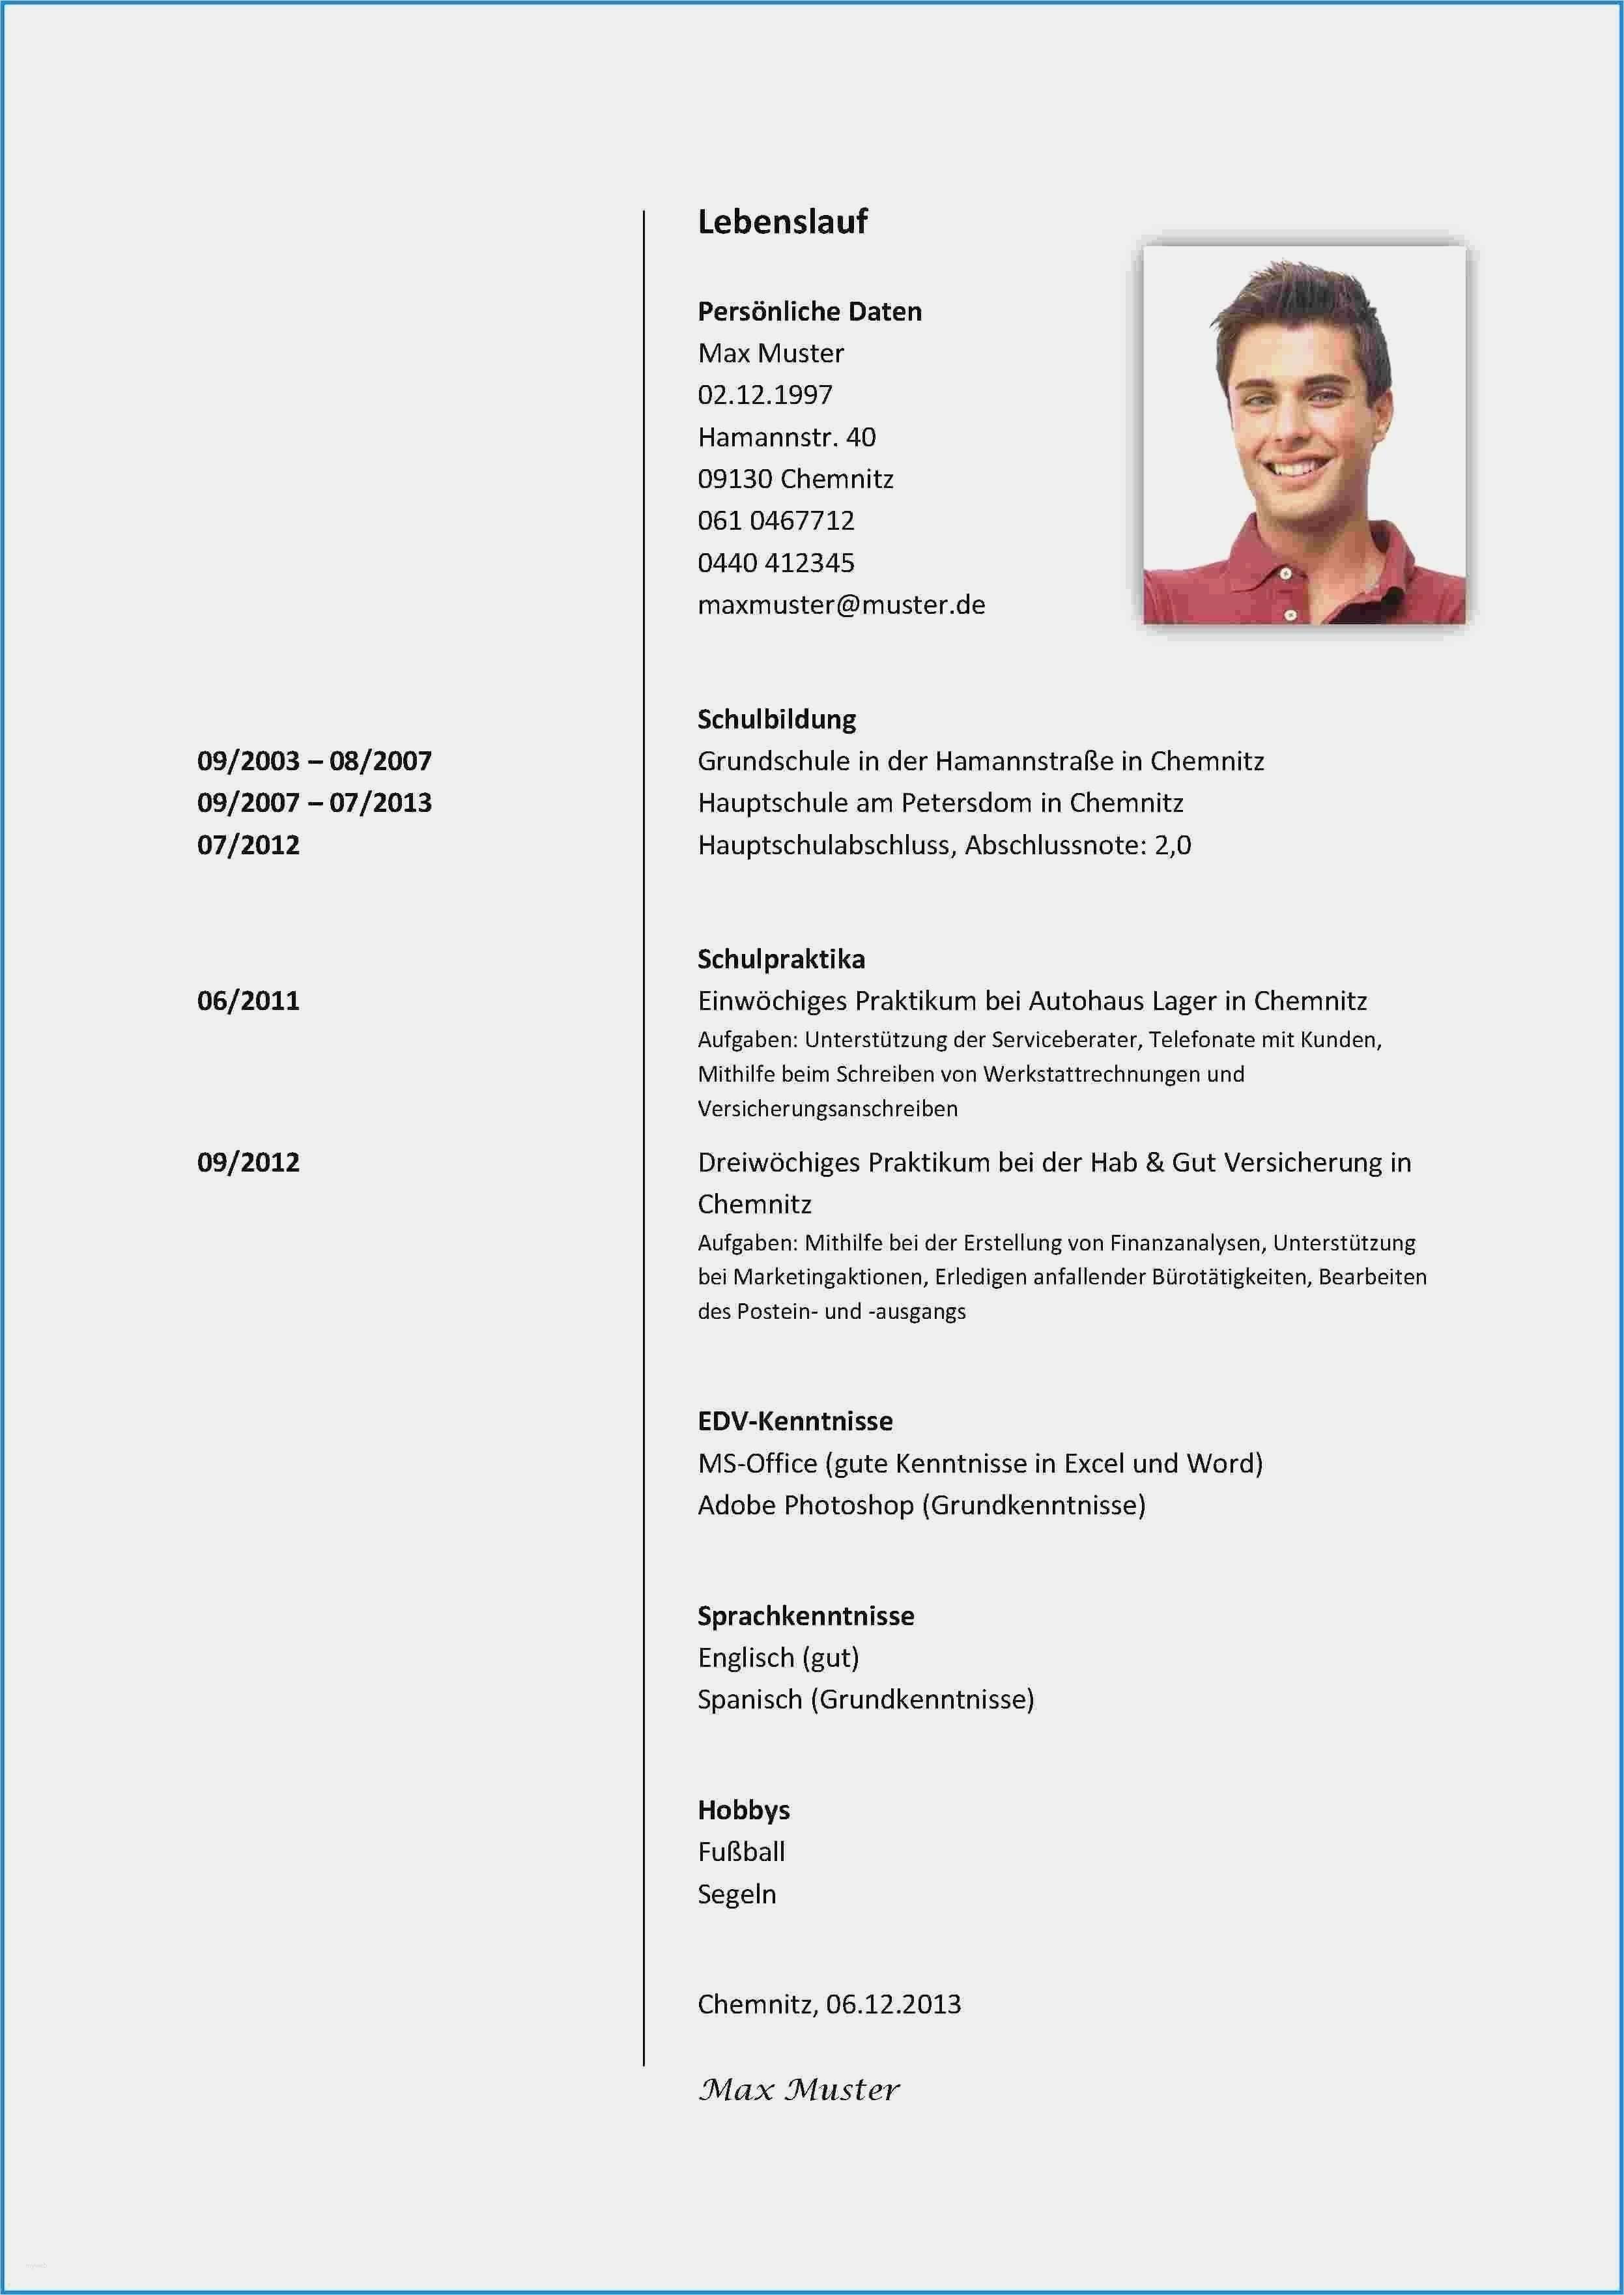 Lebenslauf Vorlagen Kostenlos Downloaden Als Word Dateien Lebenslauf Word Vorlage Downloaden Kostenlo In 2020 Resume Template Free Resume Template Resume Words